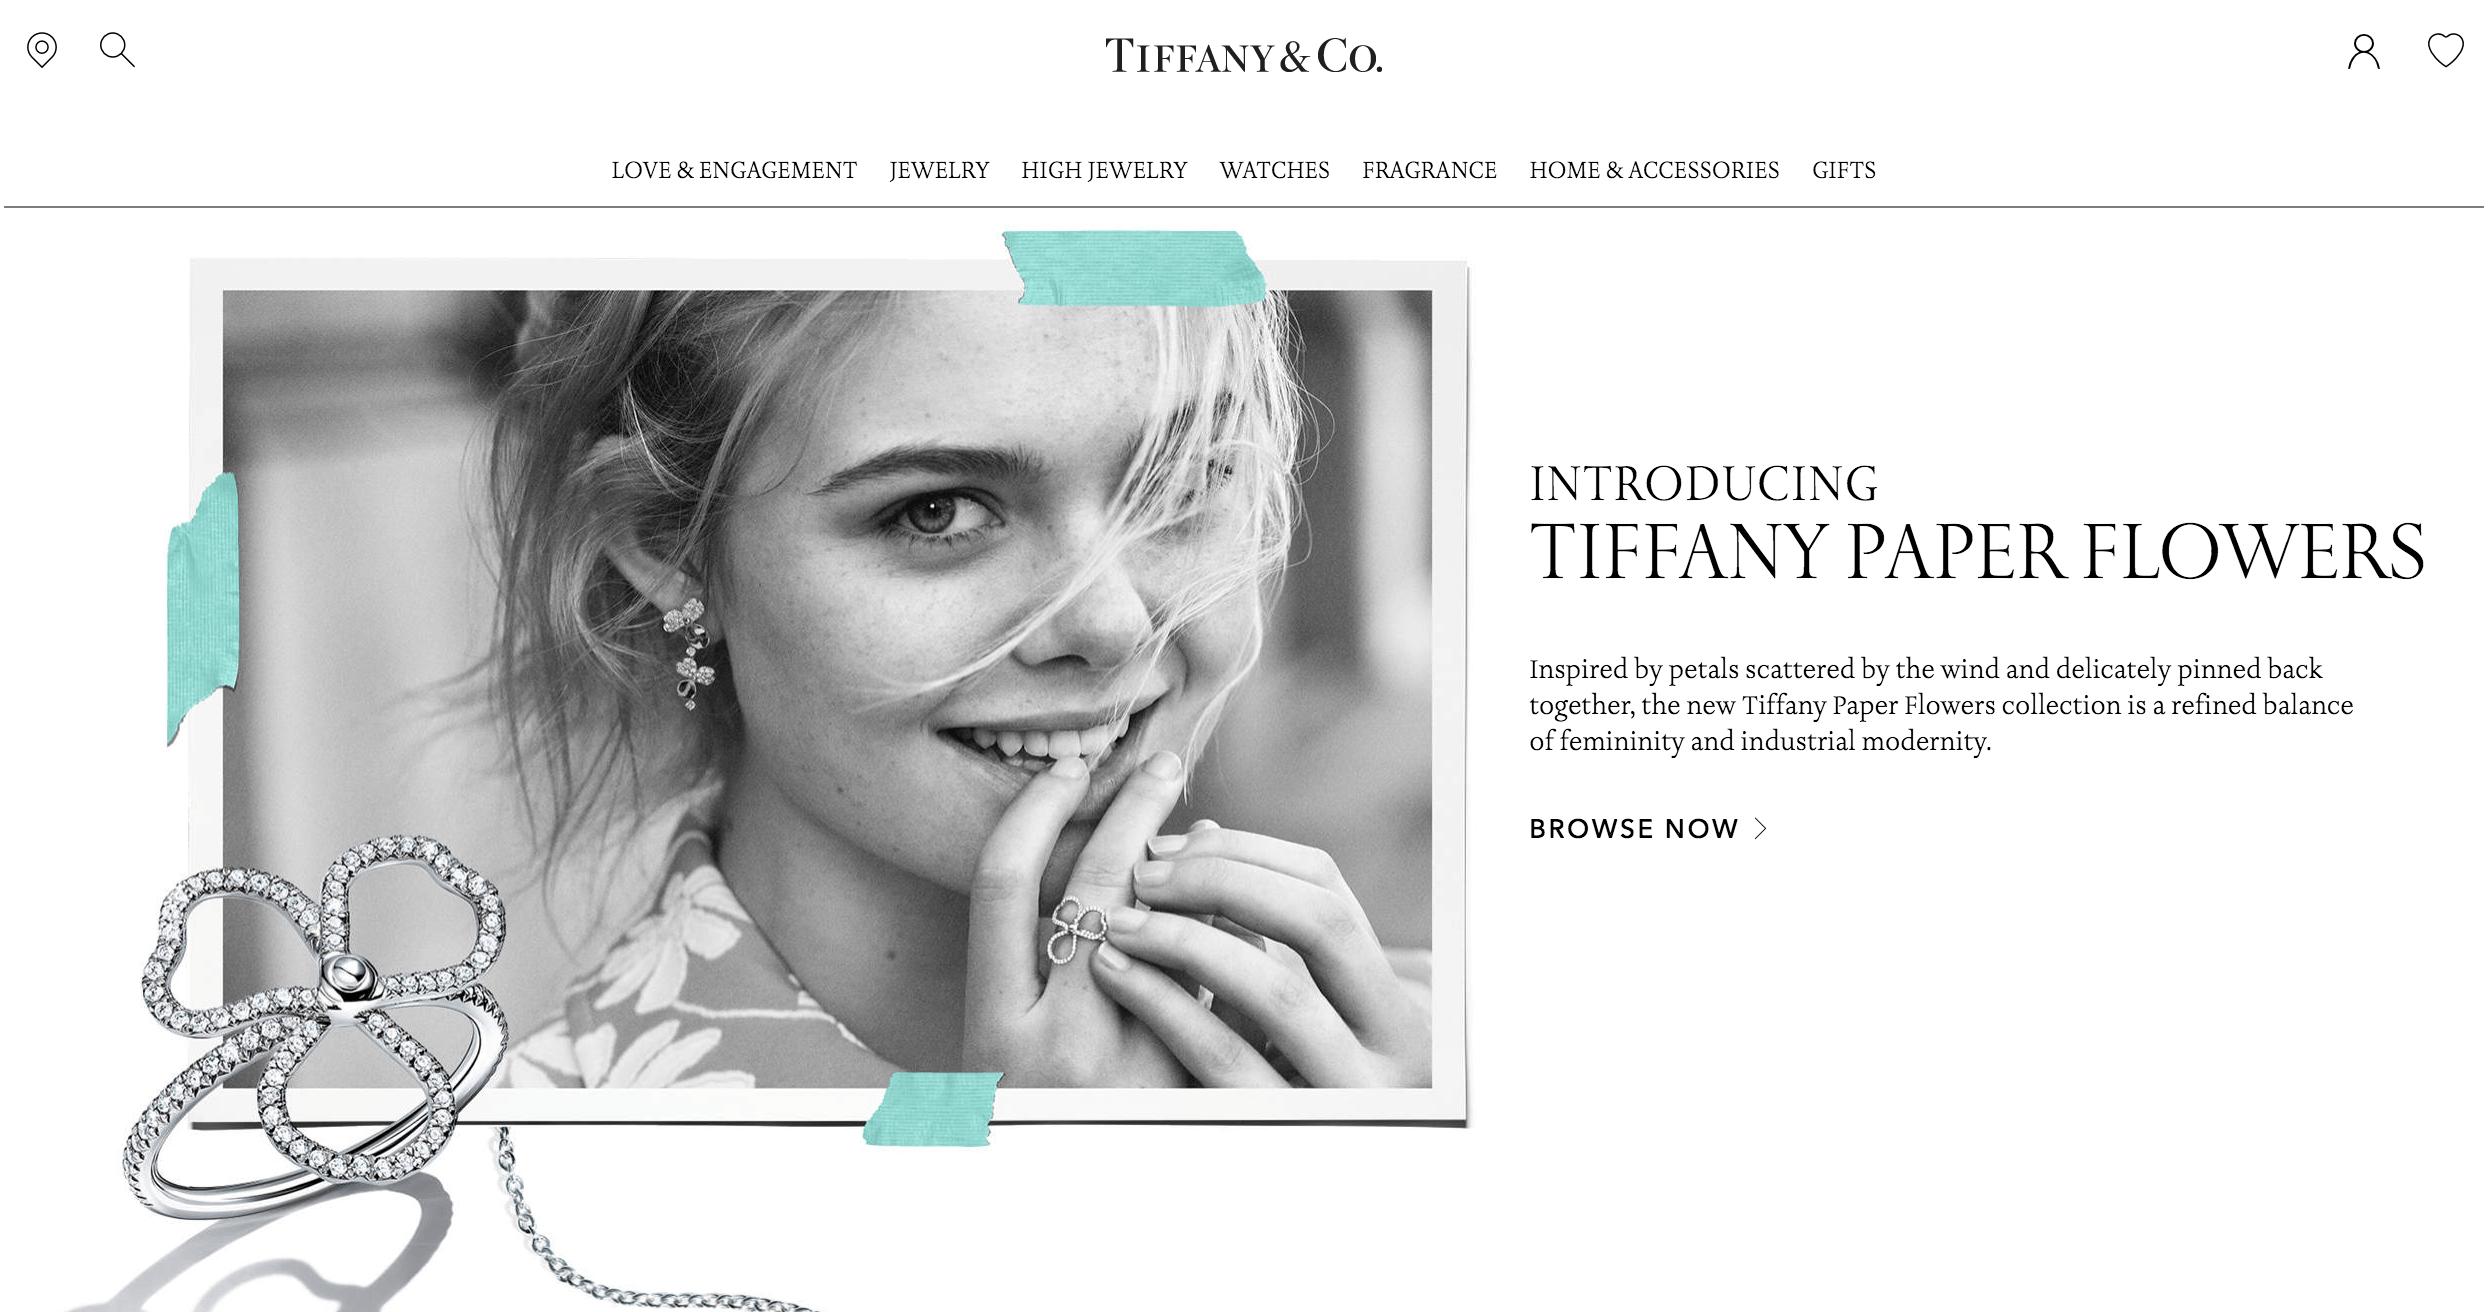 A Tiffany só usa imagens em alta resolução